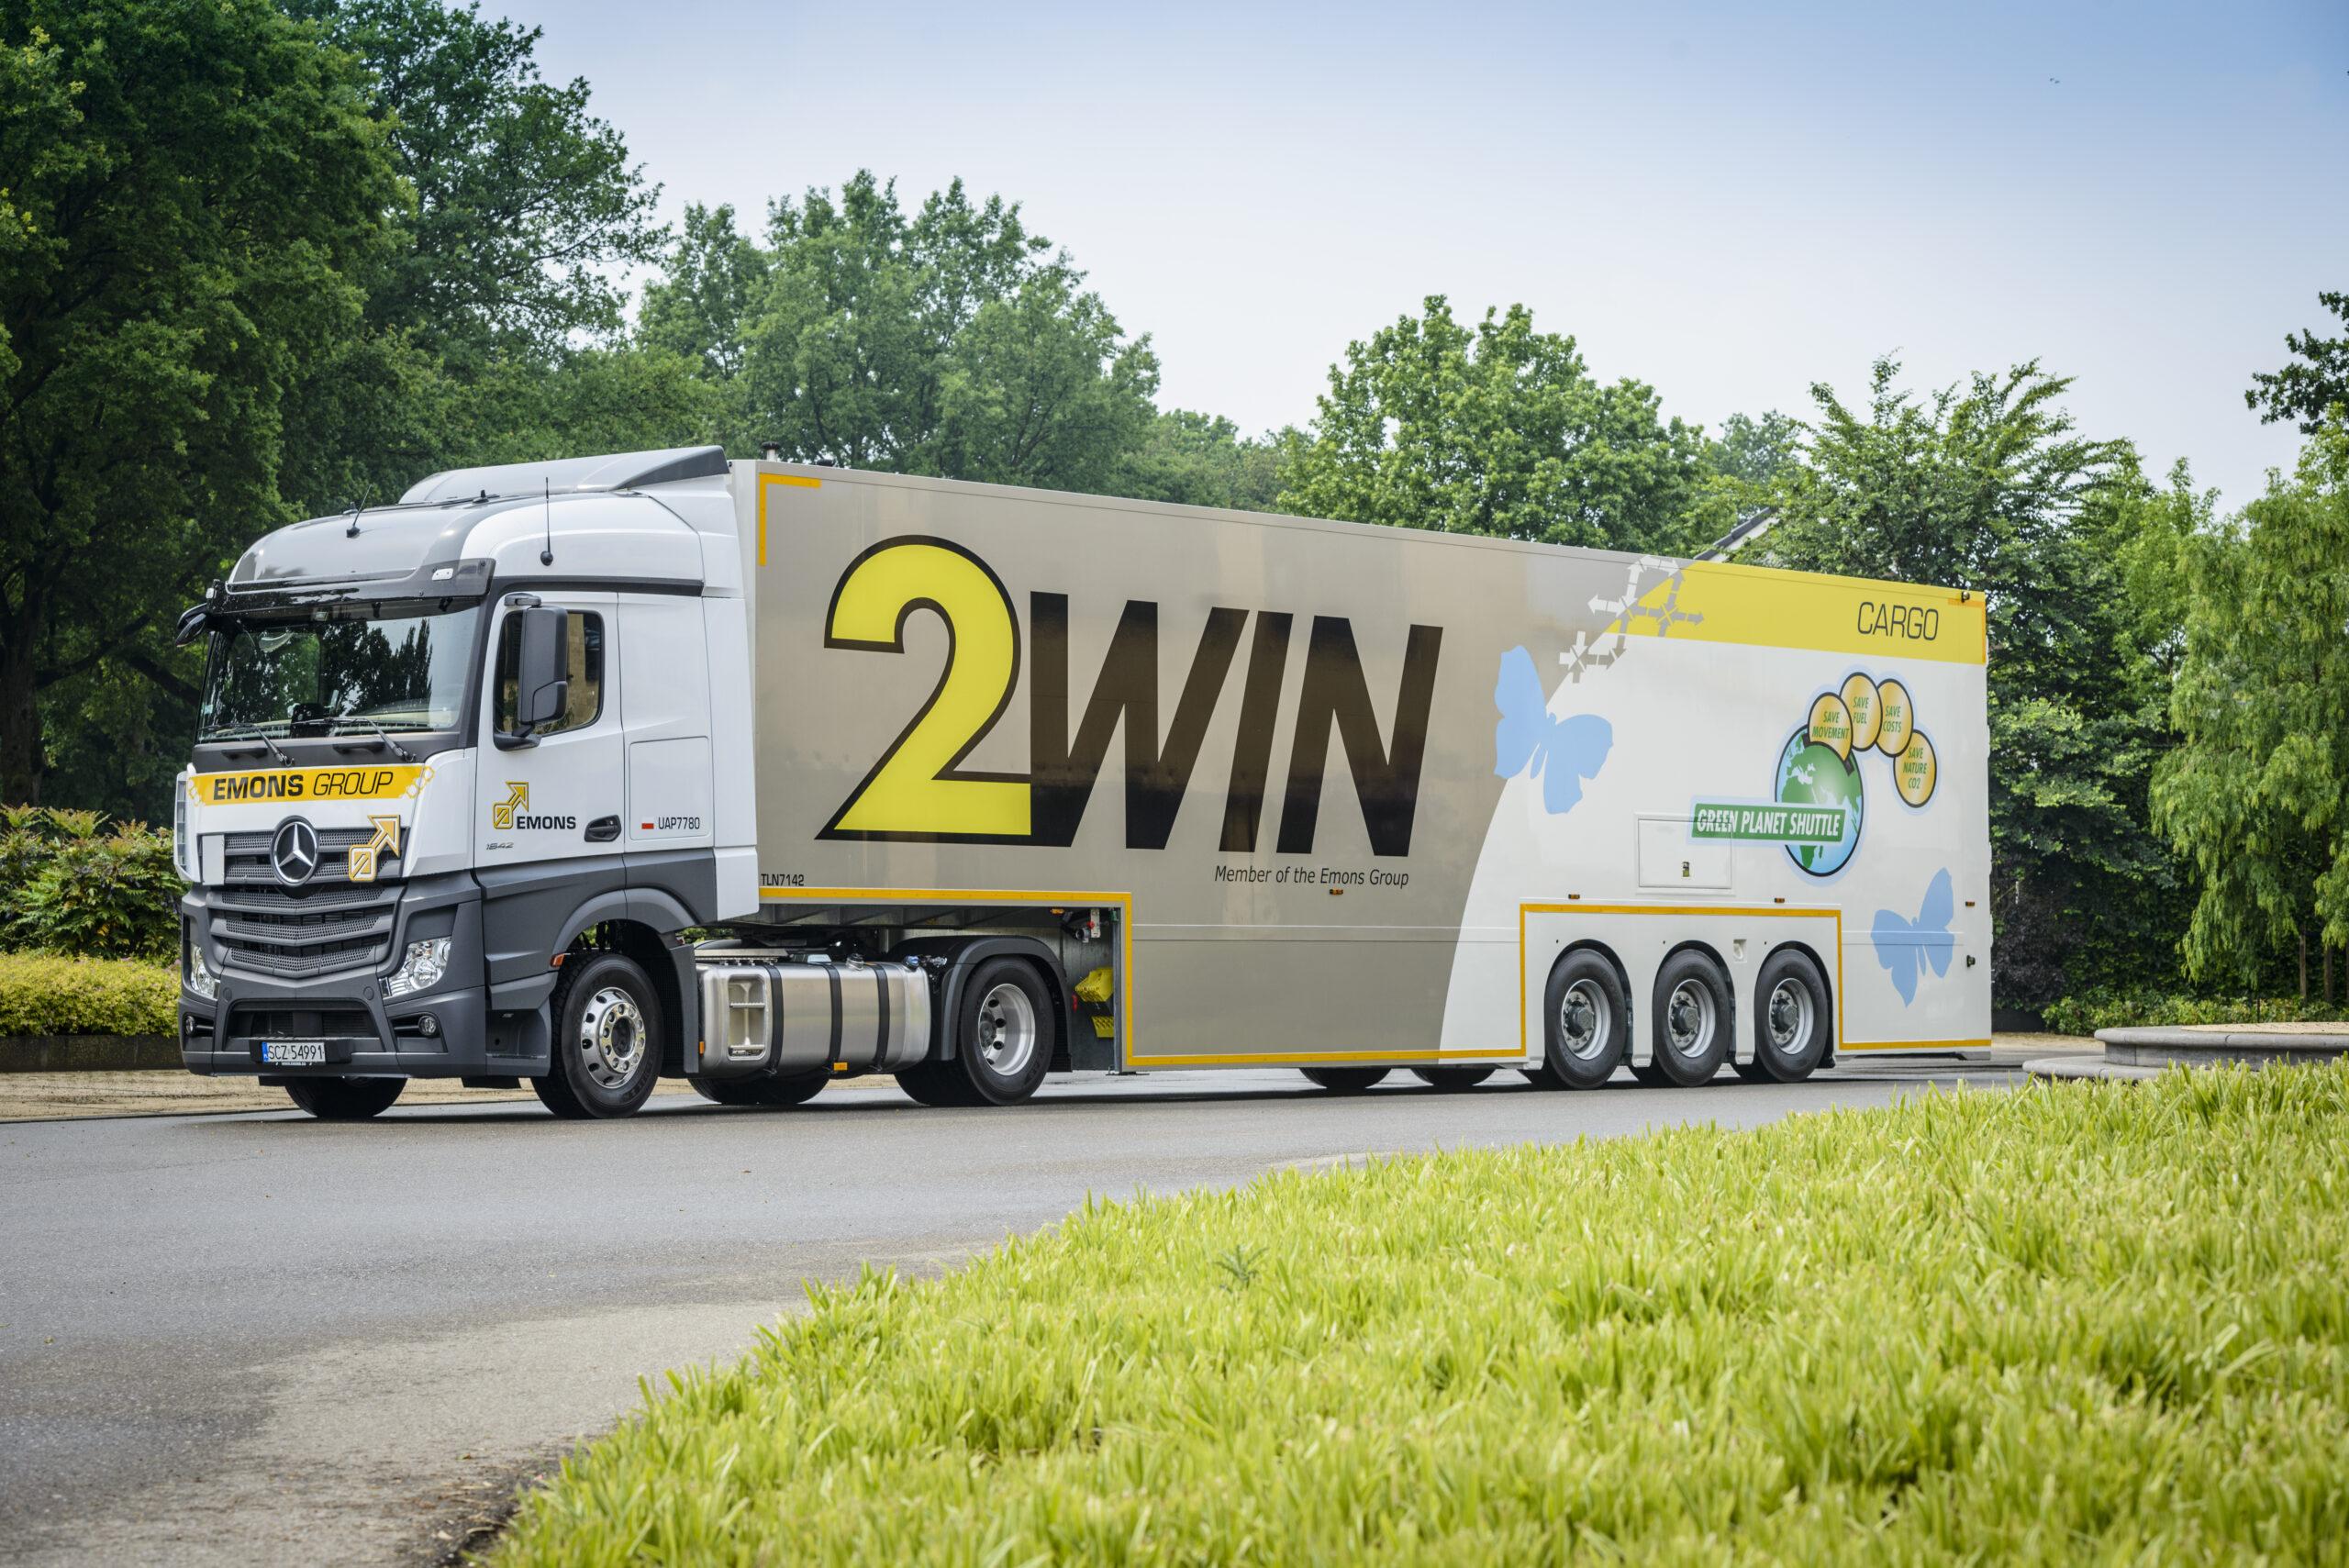 Afbeelding van 2WIN - cargo logistics